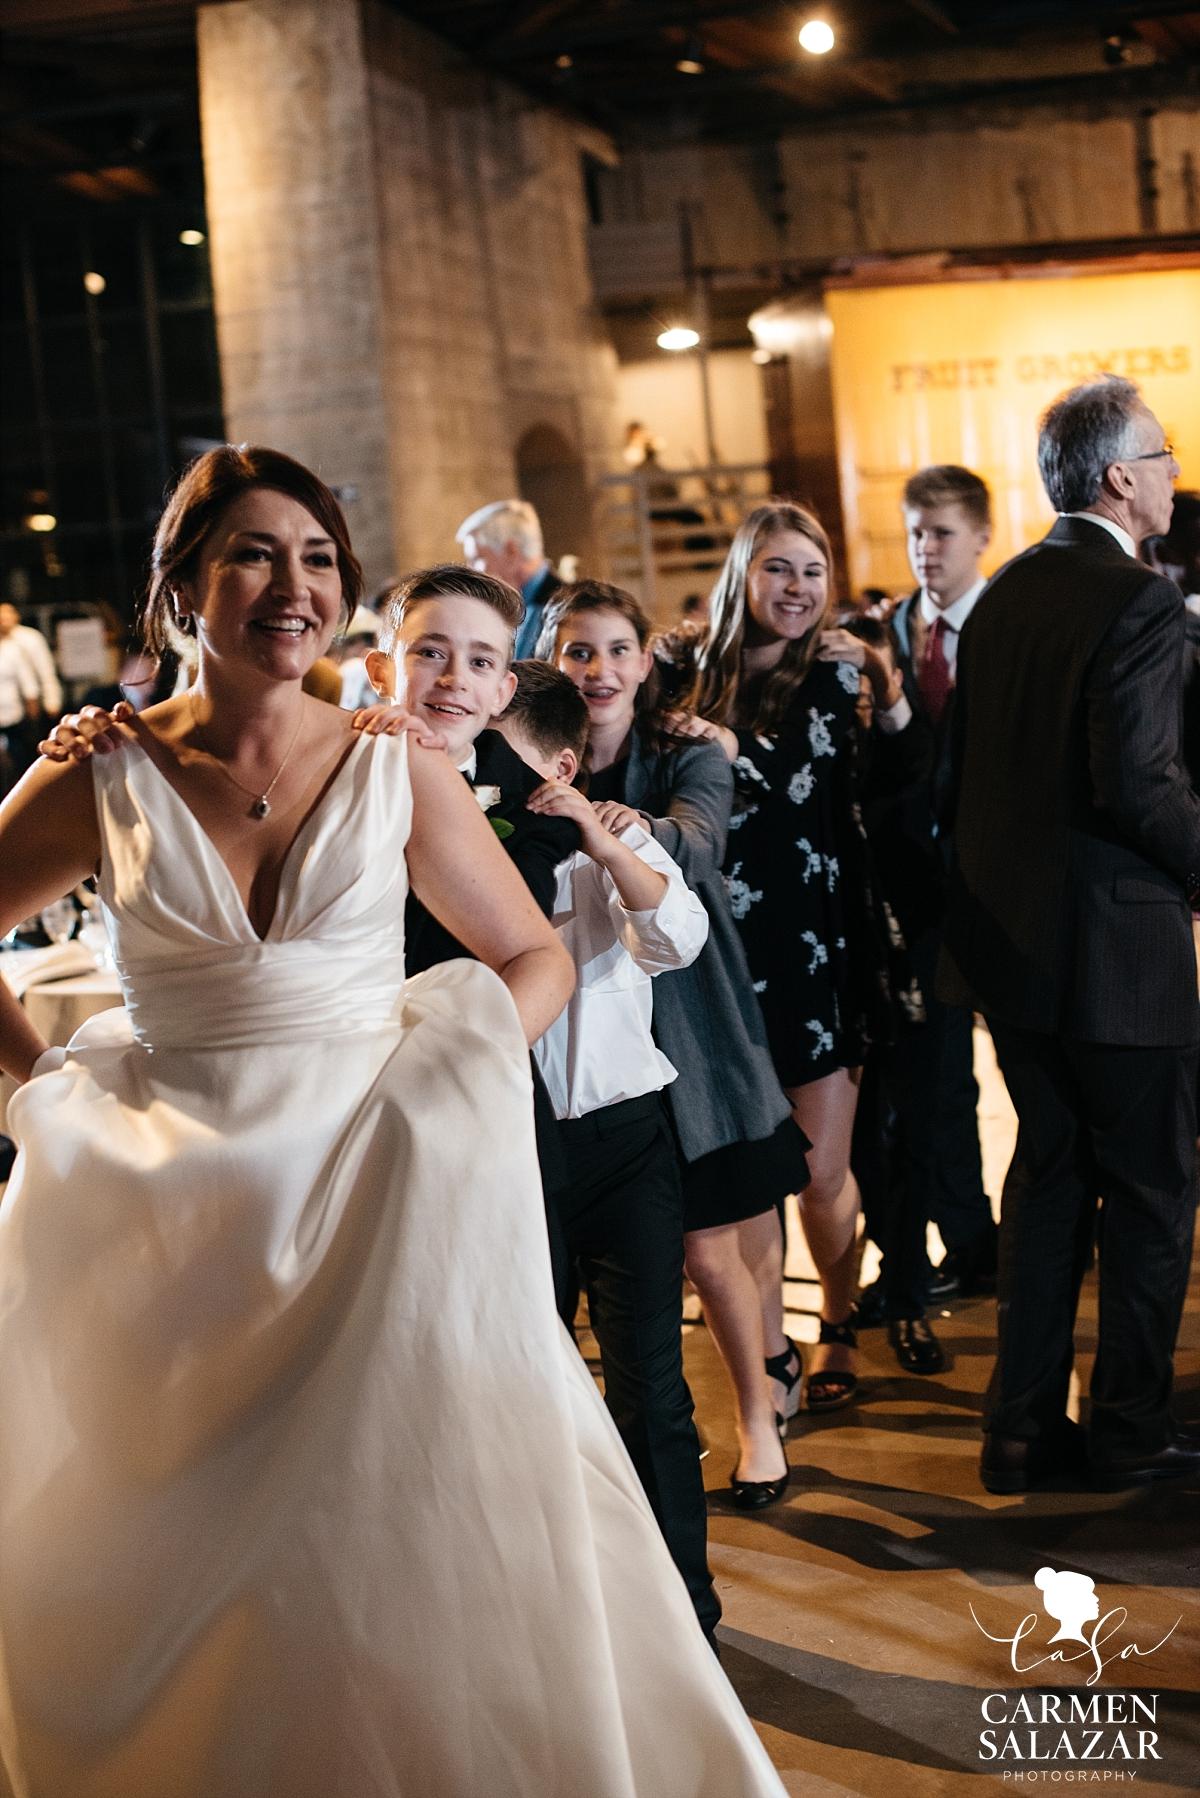 Conga line at Sacramento museum wedding - Carmen Salazar